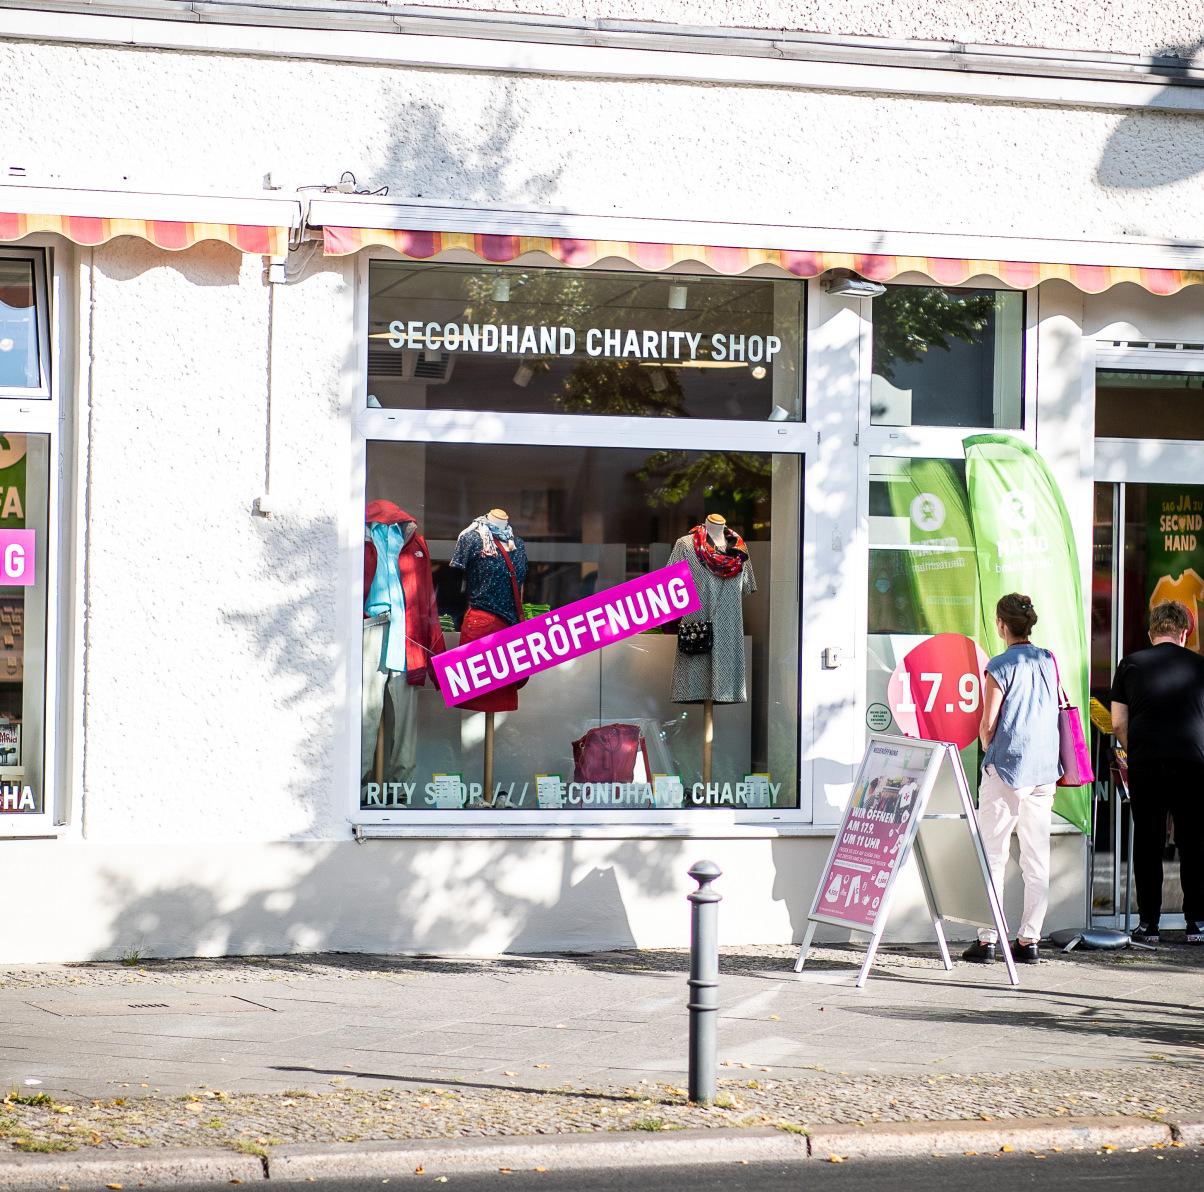 Oxfam Shop Berlin-Weißensee - Außenaufnahme bei Neueröffnung